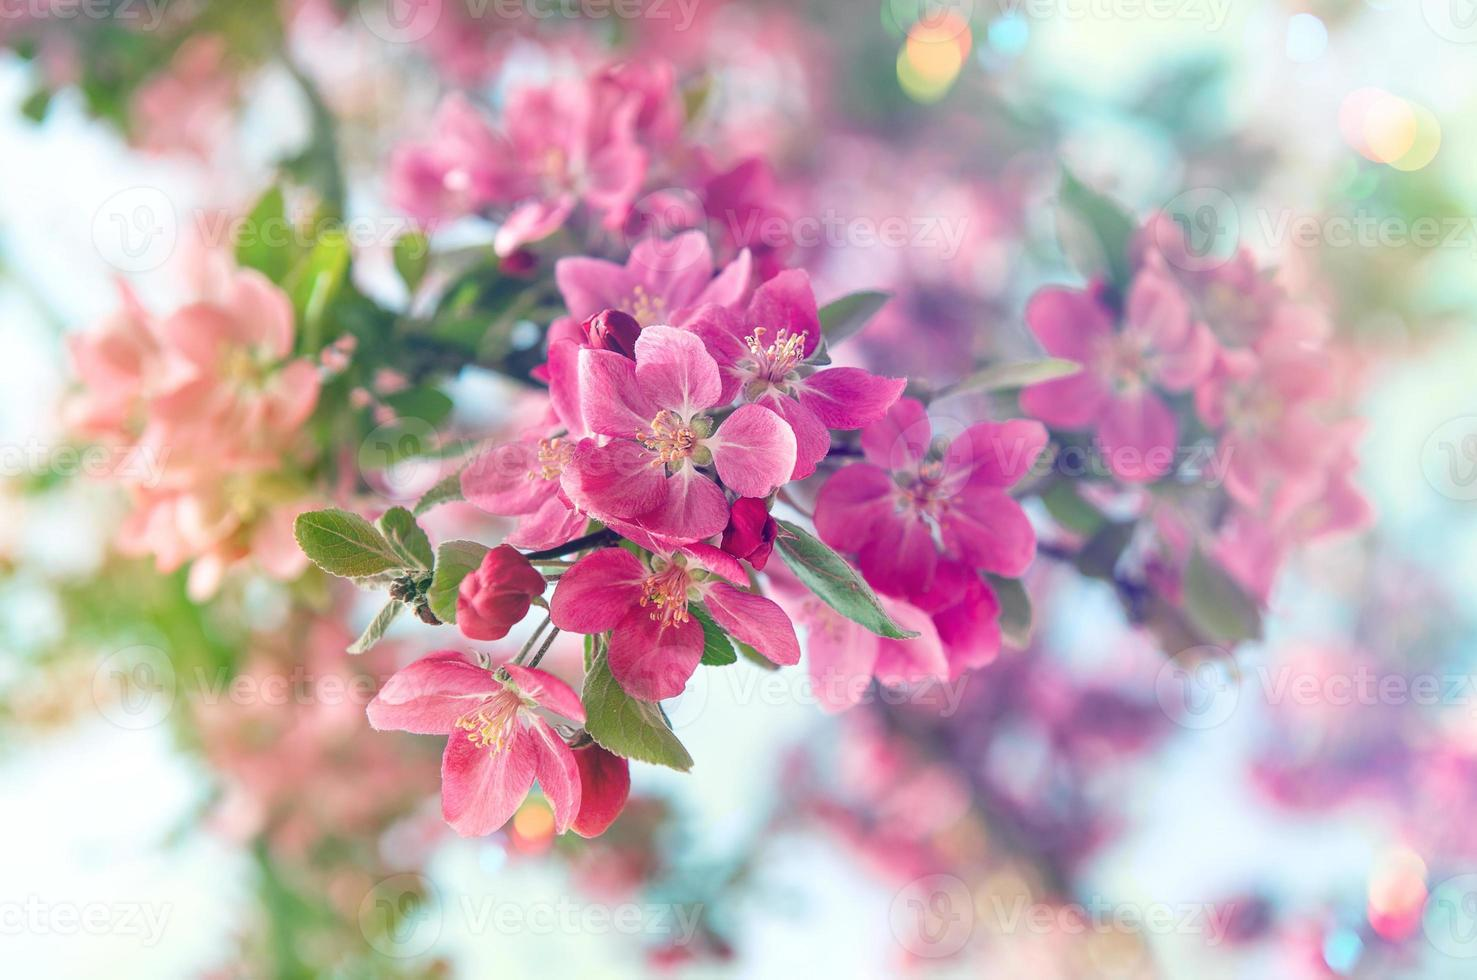 blühender Kirschbaum. schöne rosa Blumen. Retro-Stil getönt foto